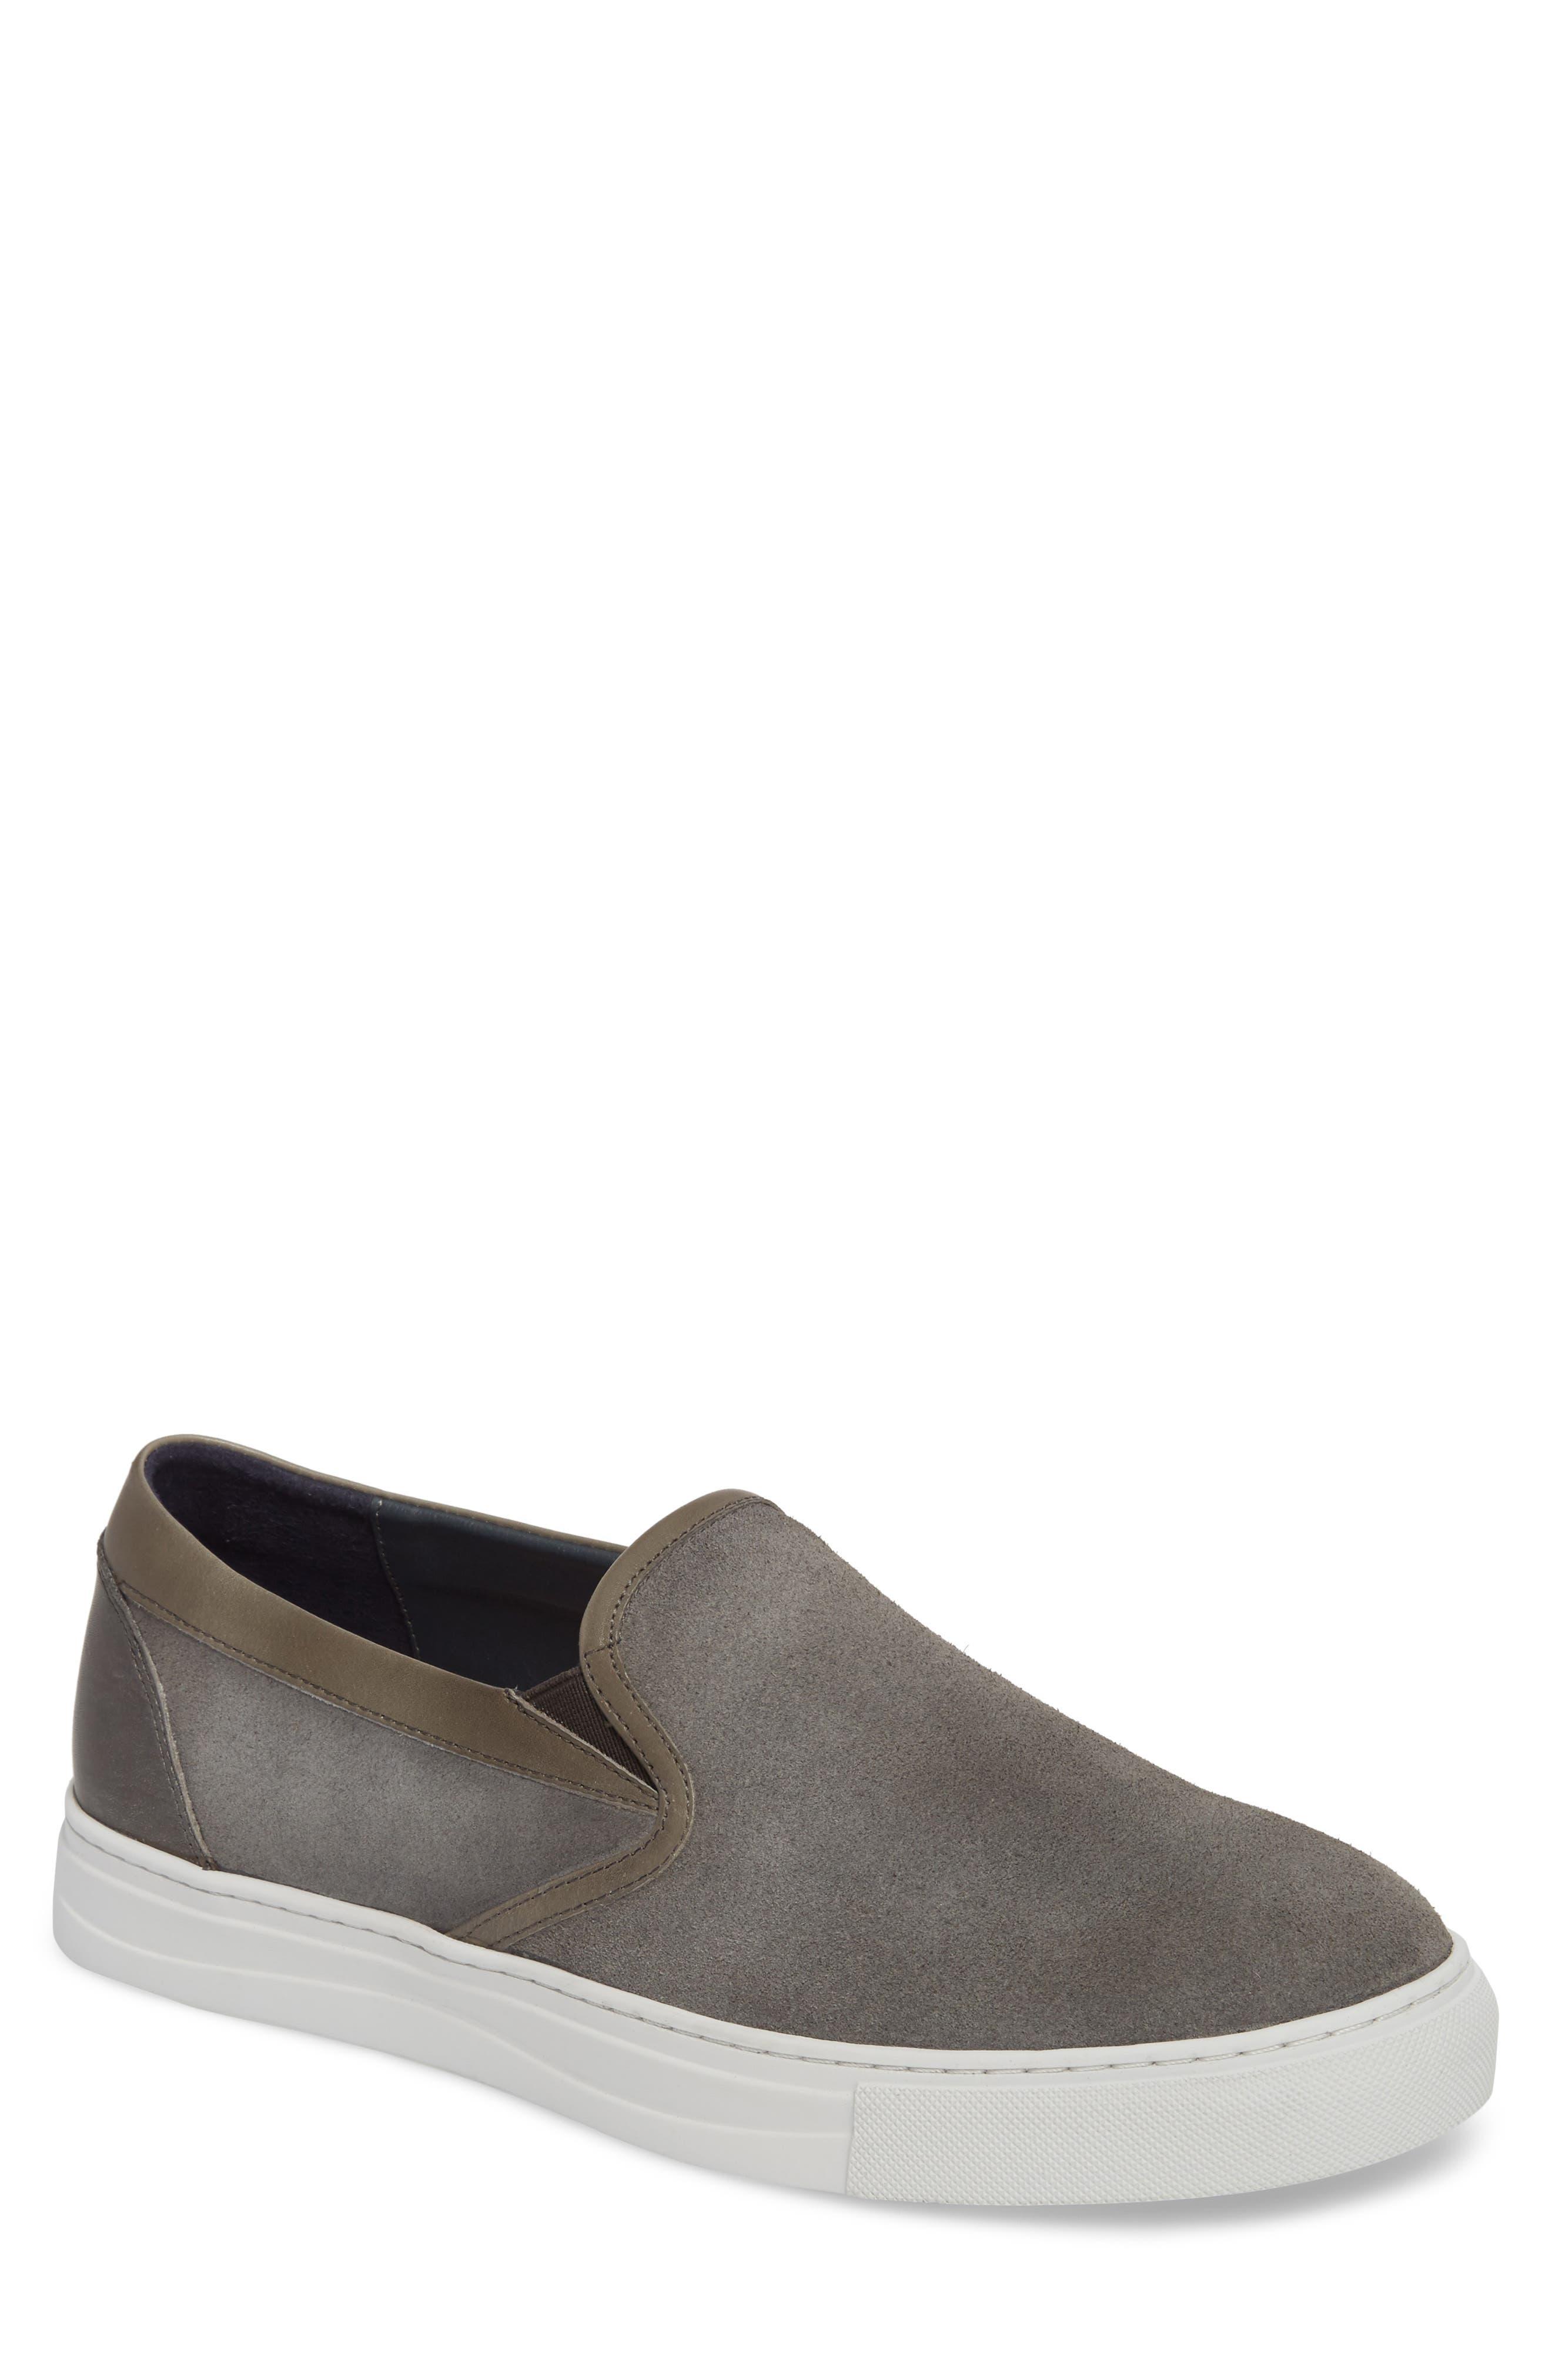 English Laundry Vane Slip-On Sneaker (Men)